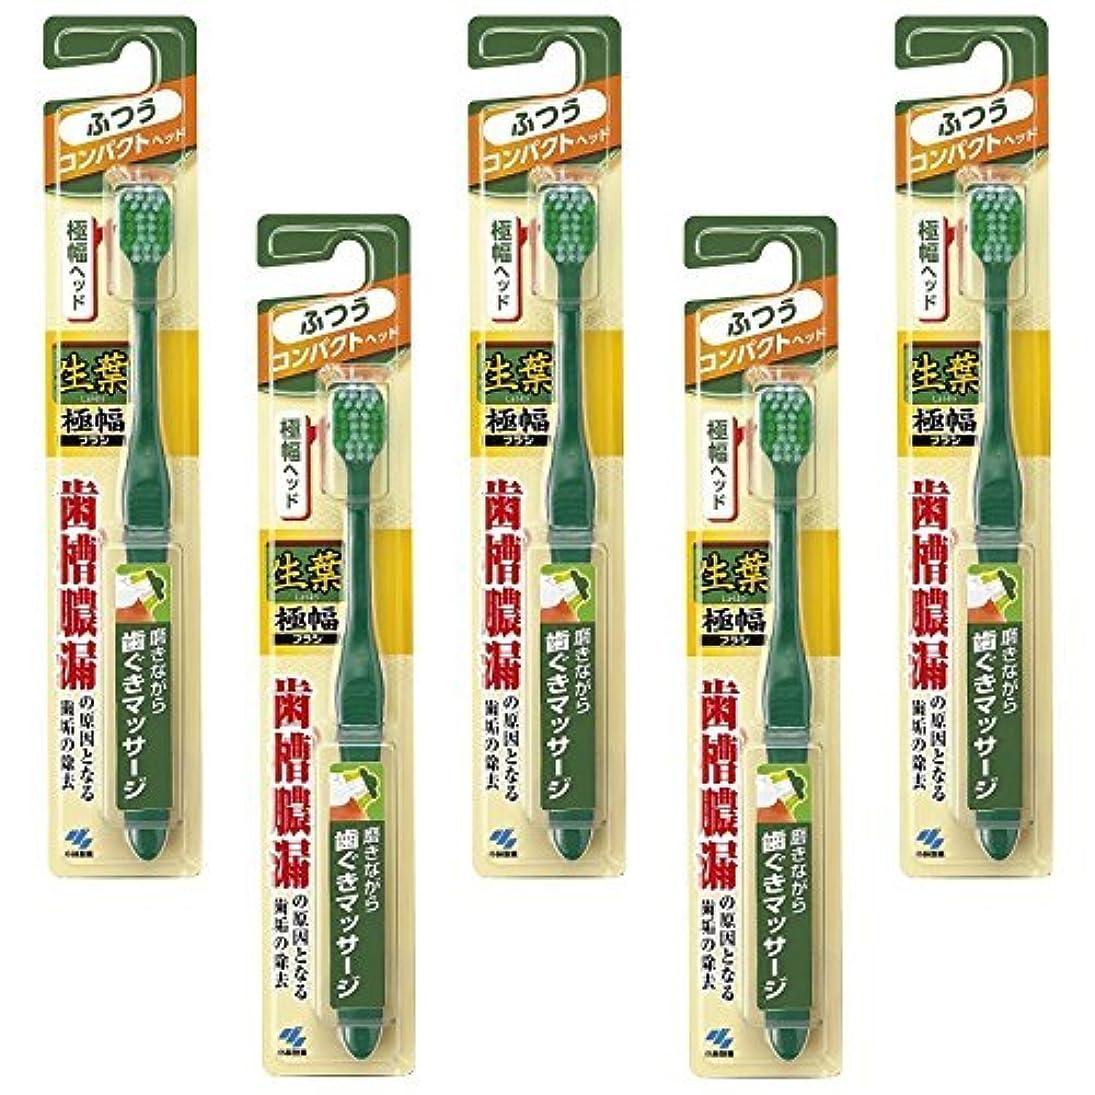 遠いエレクトロニック男らしさ【まとめ買い】生葉(しょうよう)極幅ブラシ 歯ブラシ コンパクトヘッド ふつう ×5個